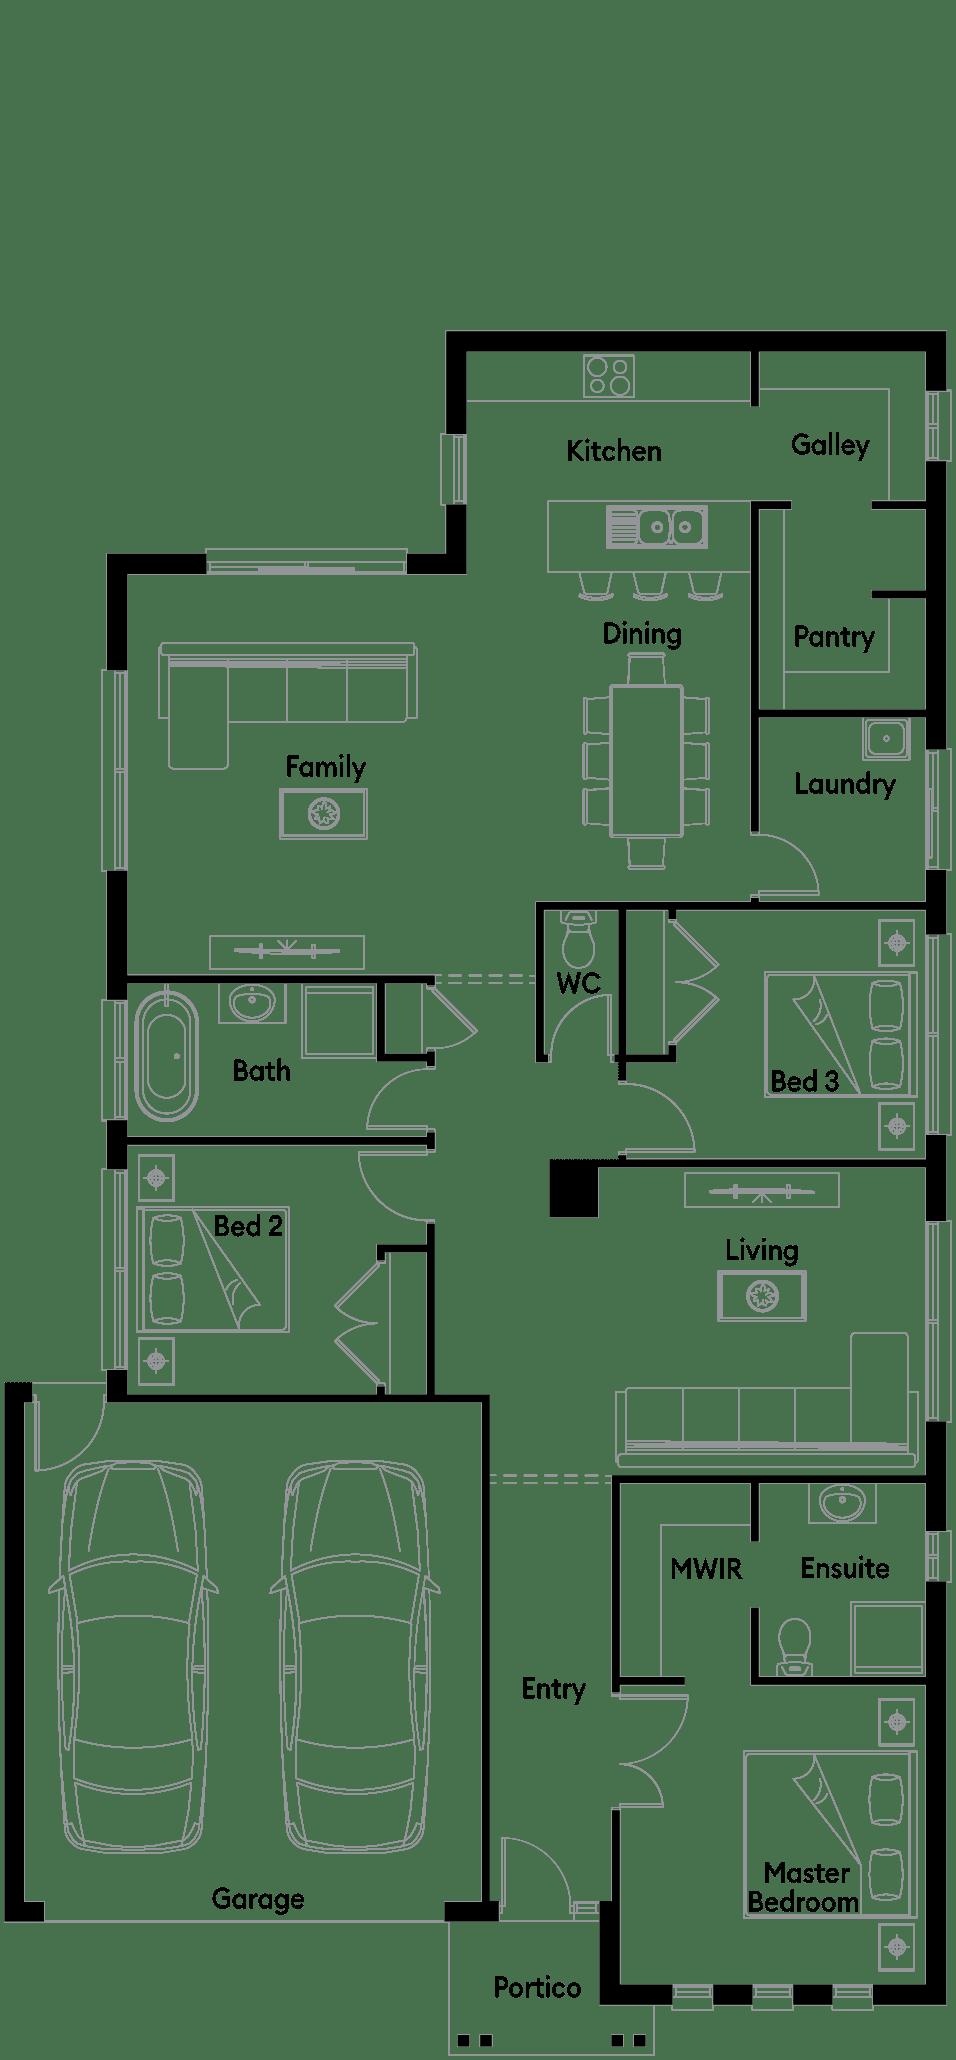 FloorPlan1_HOUSE763_Midland_21-4